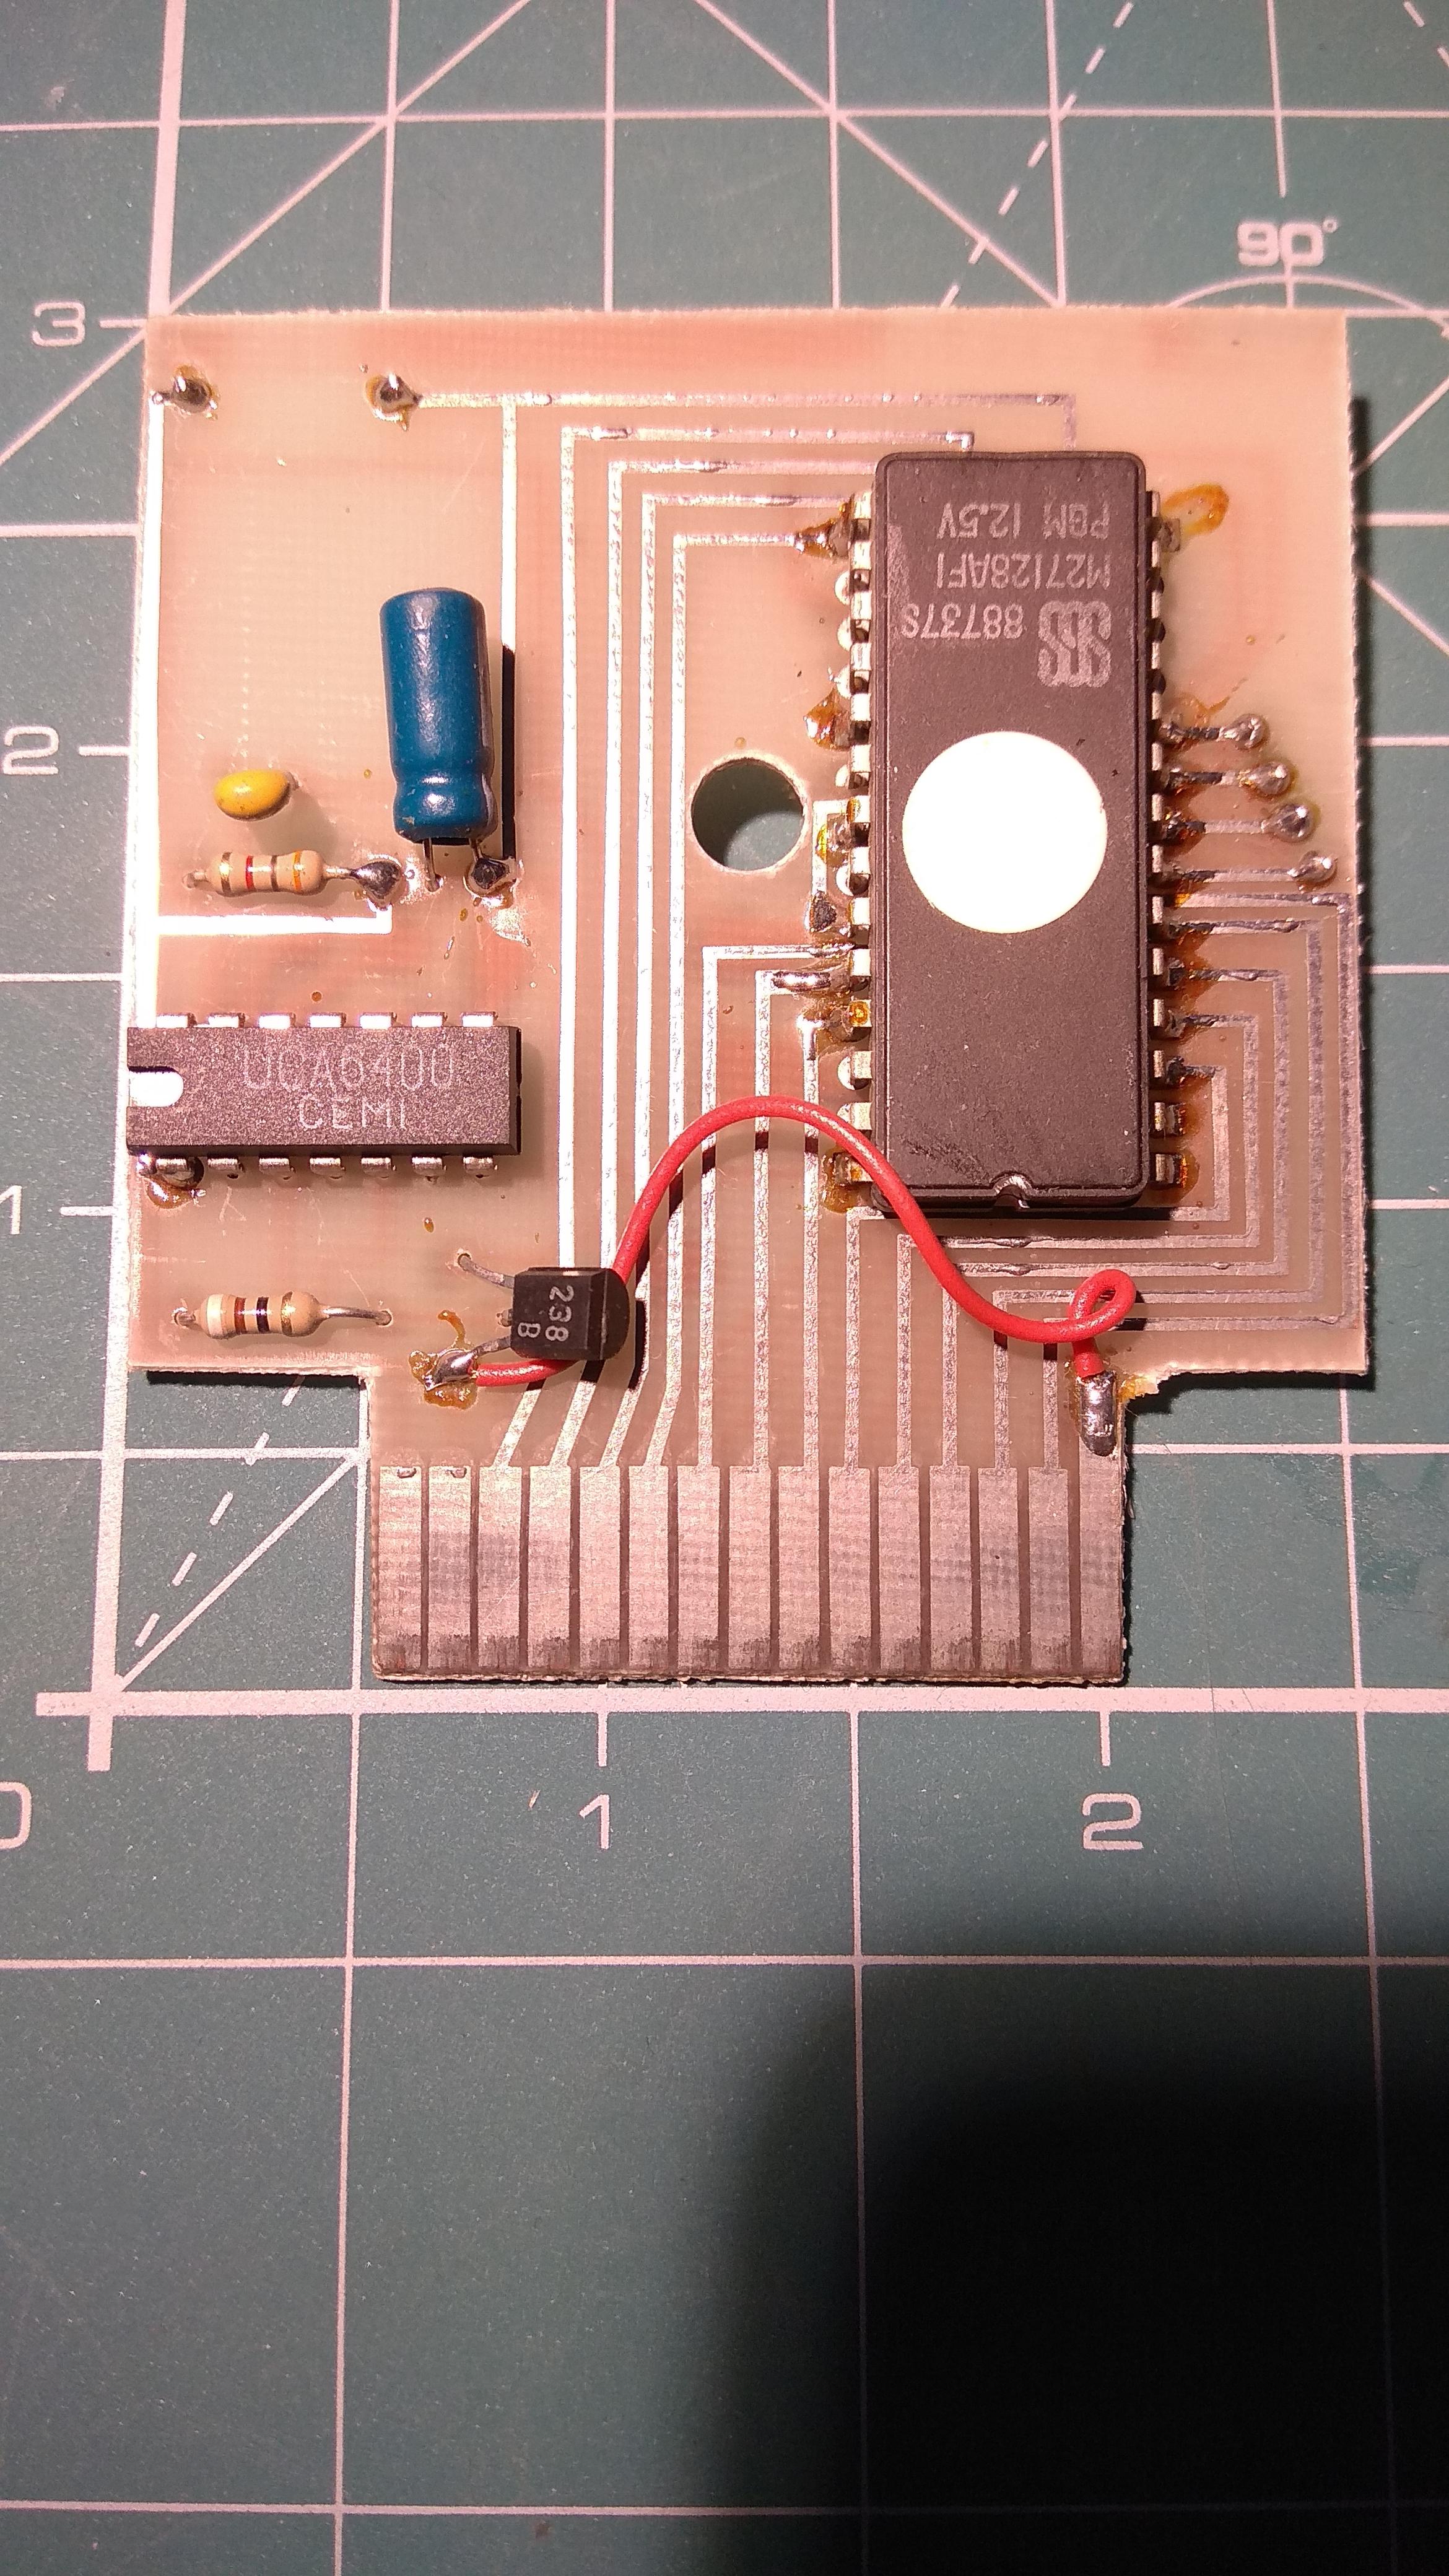 AST2000 PCB1